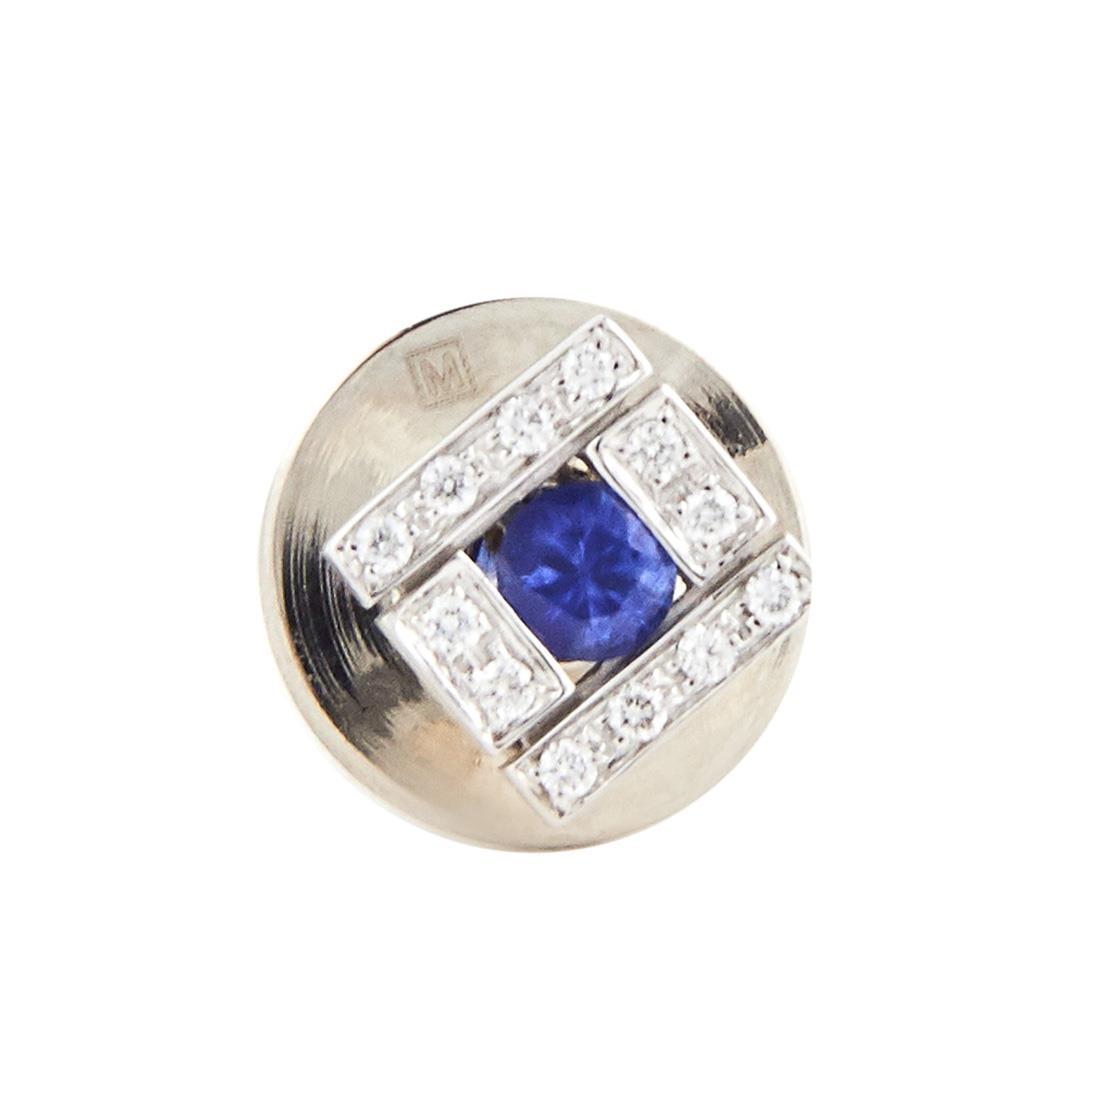 Spilla in oro bianco con diamanti ct 0.06 e zaffiri ct 0.18 - DAMIANI